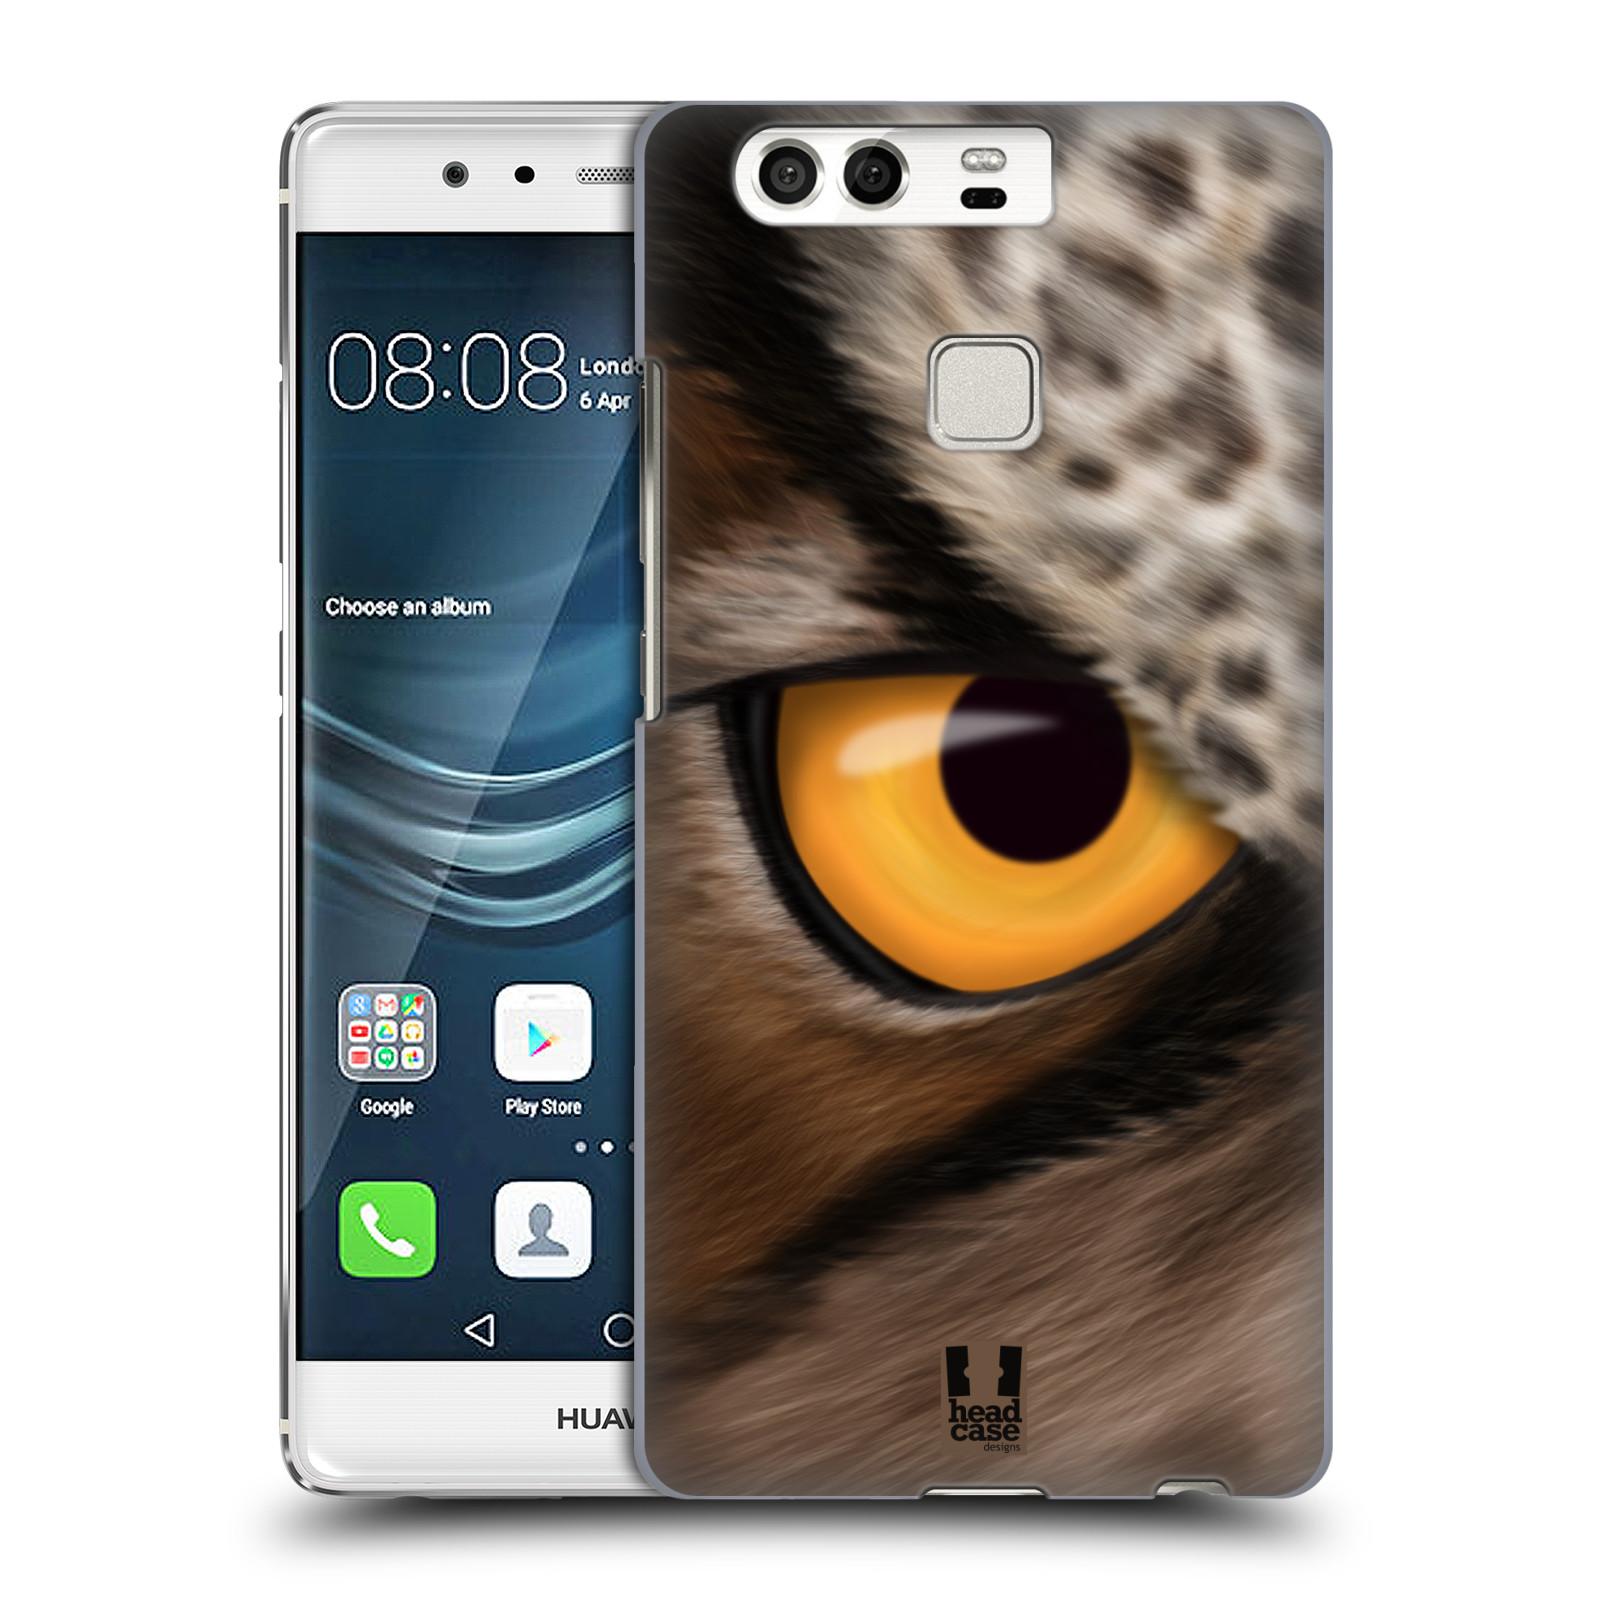 HEAD CASE plastový obal na mobil Huawei P9 / P9 DUAL SIM vzor pohled zvířete oko sova